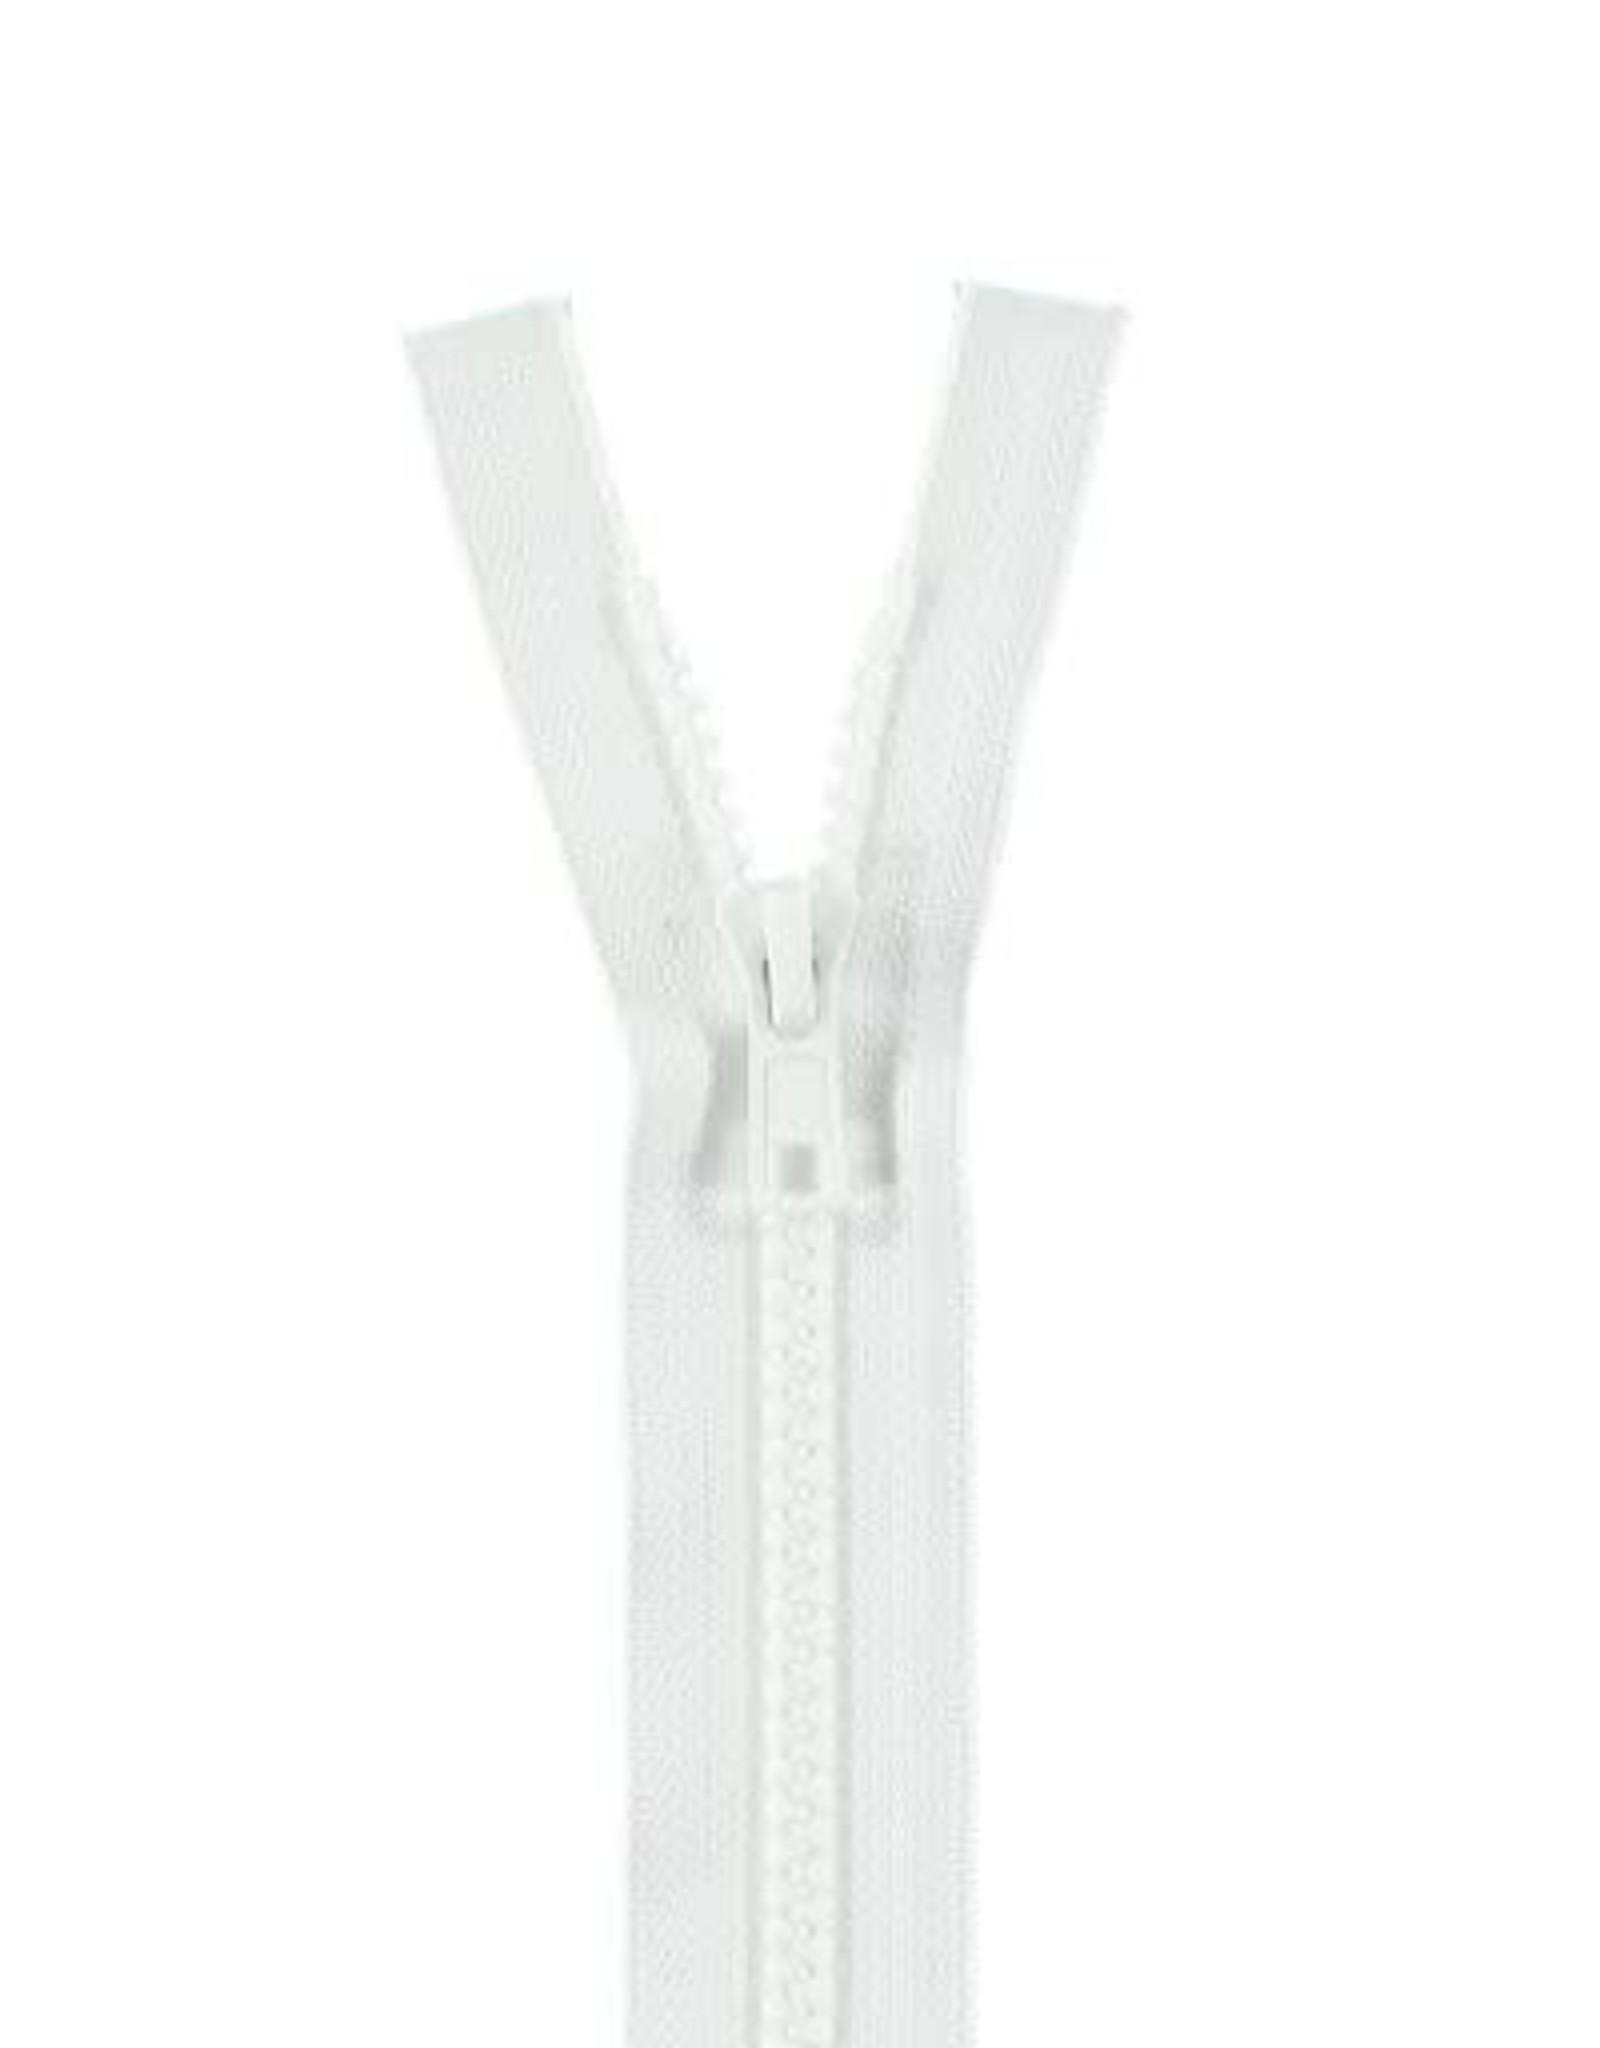 YKK BLOKRITS 5 DEELBAAR wit 501-45cm